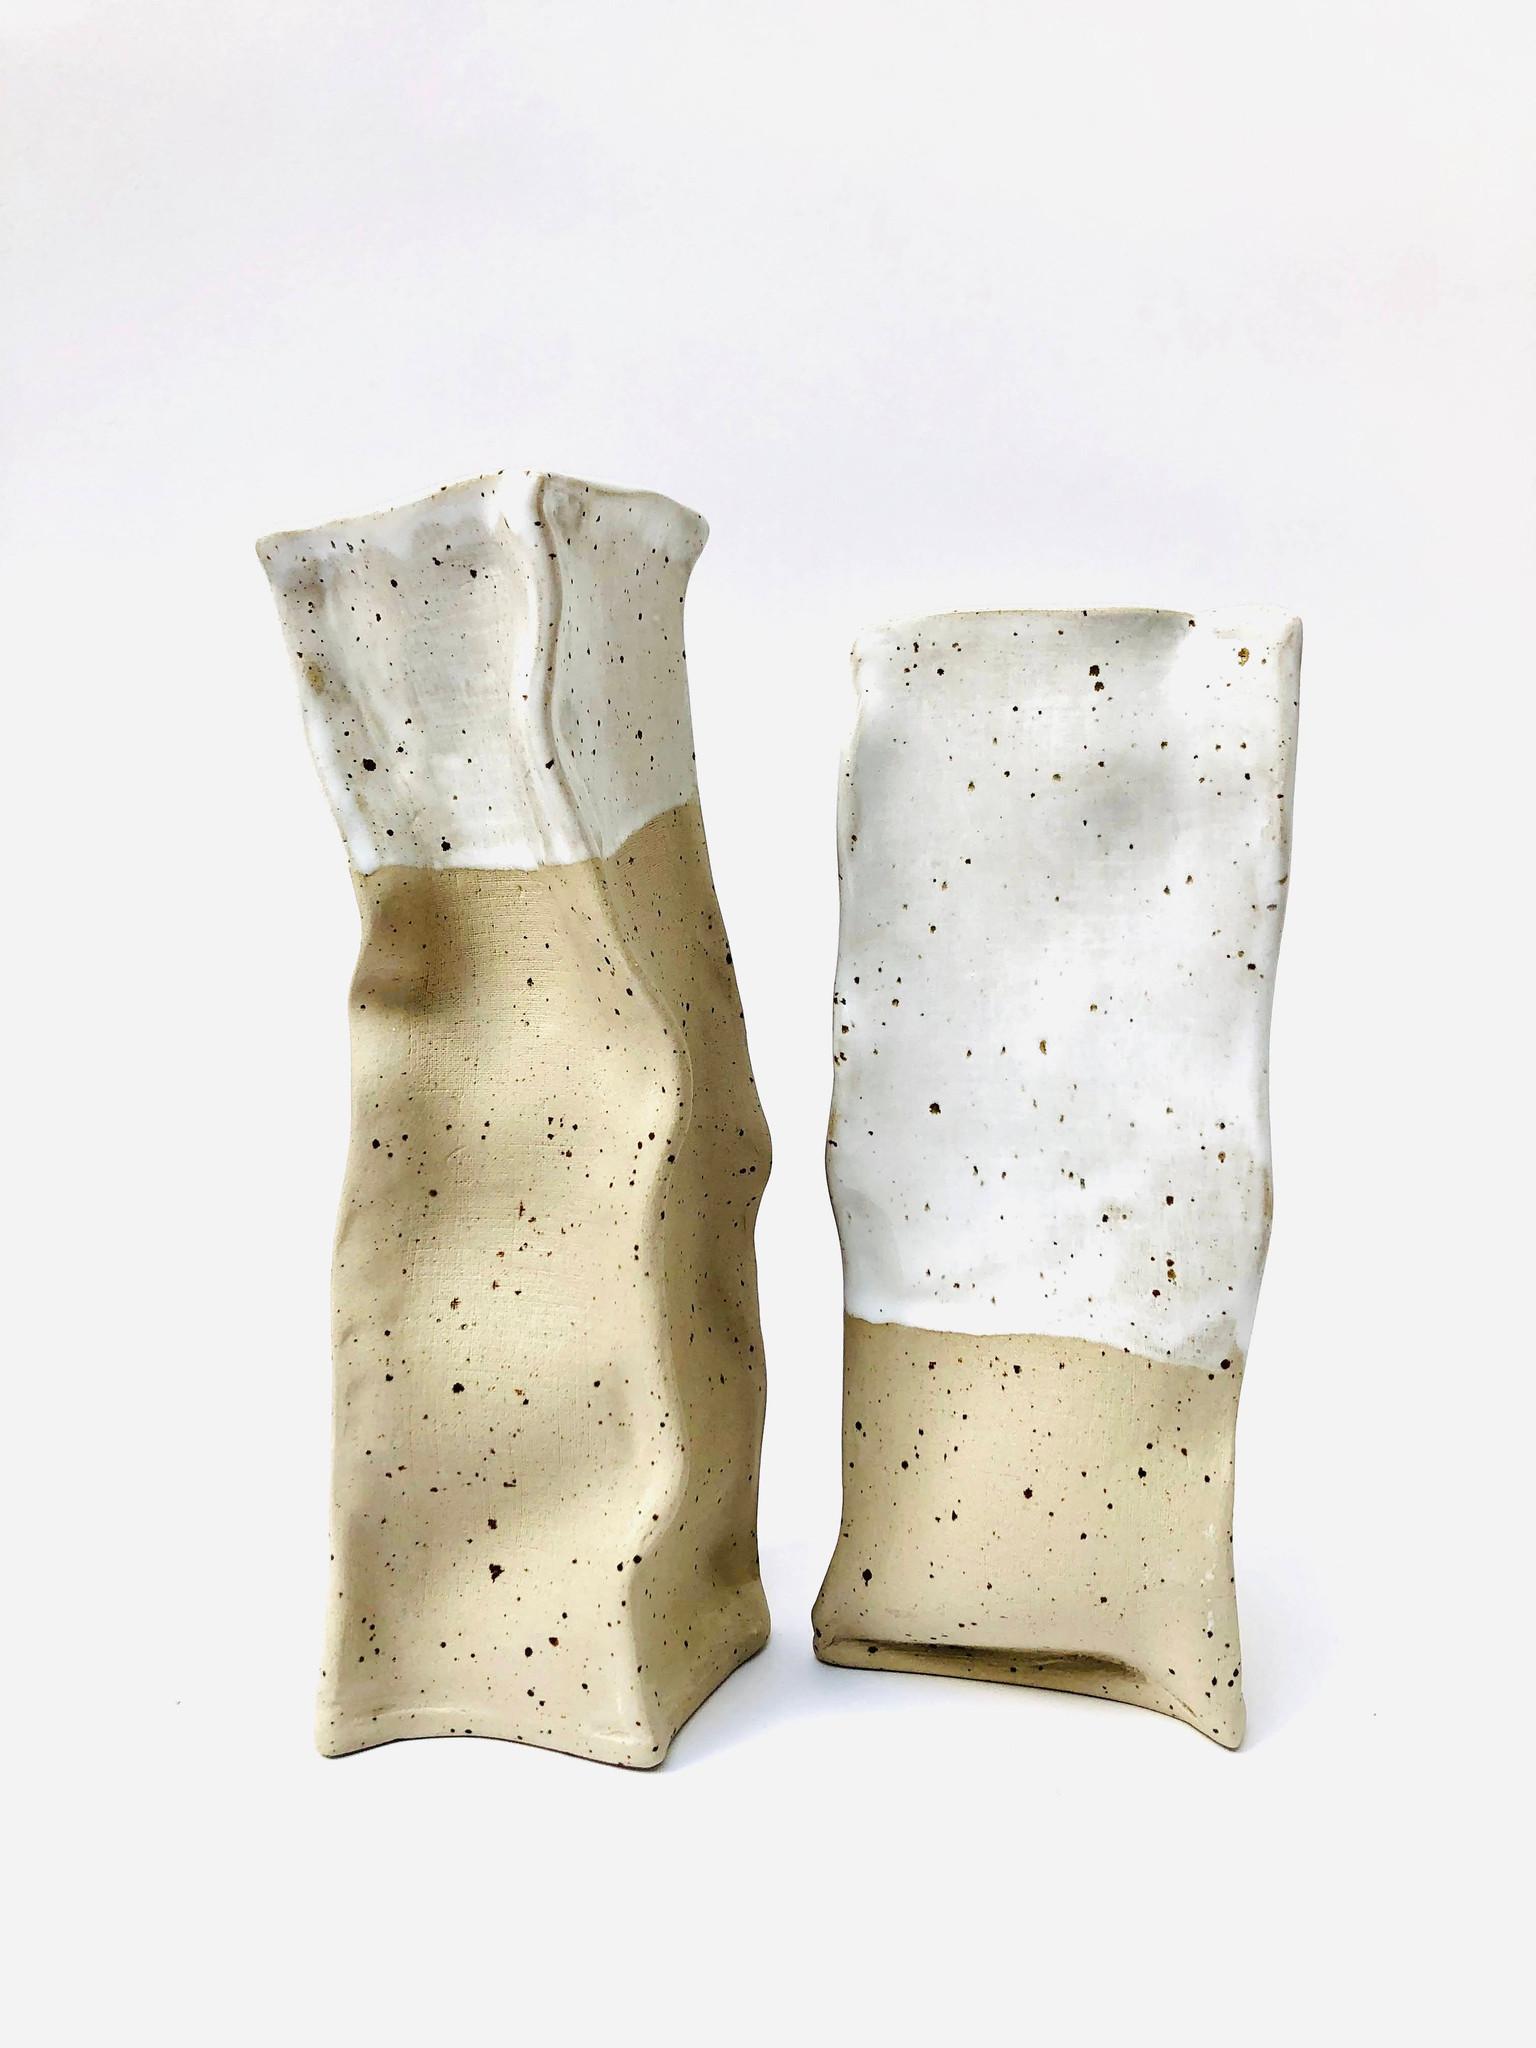 Wazoniki jasne PAPIEROWE TORBY małe 2 sztuki  Lui & Clay - Slow Store | JestemSlow.pl